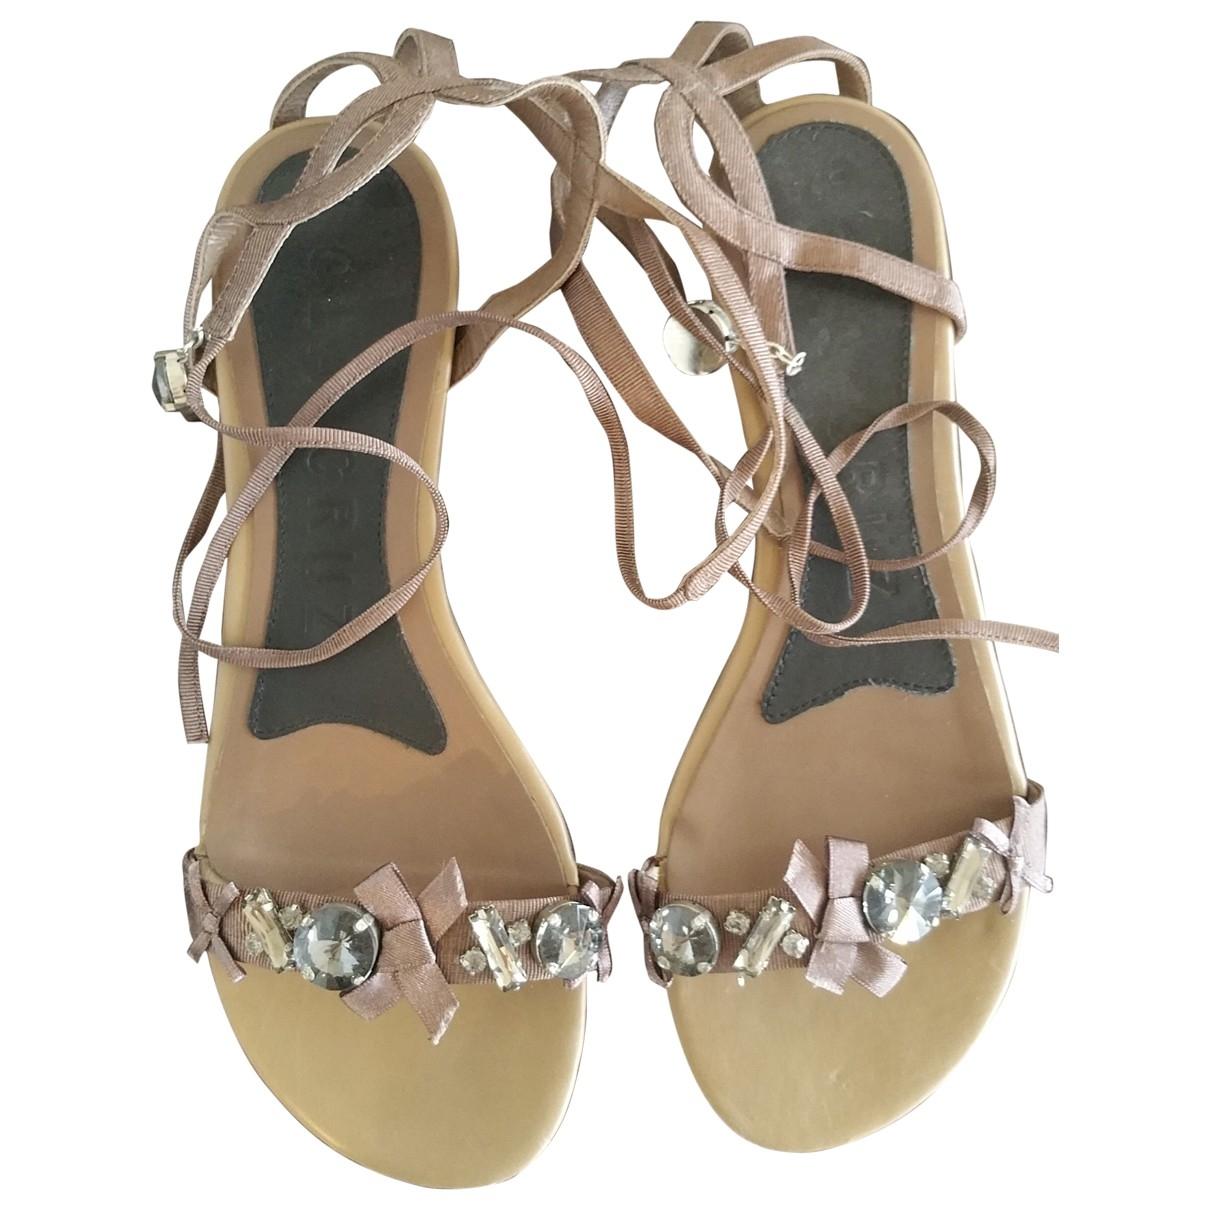 Sandalias de Lona Lola Cruz